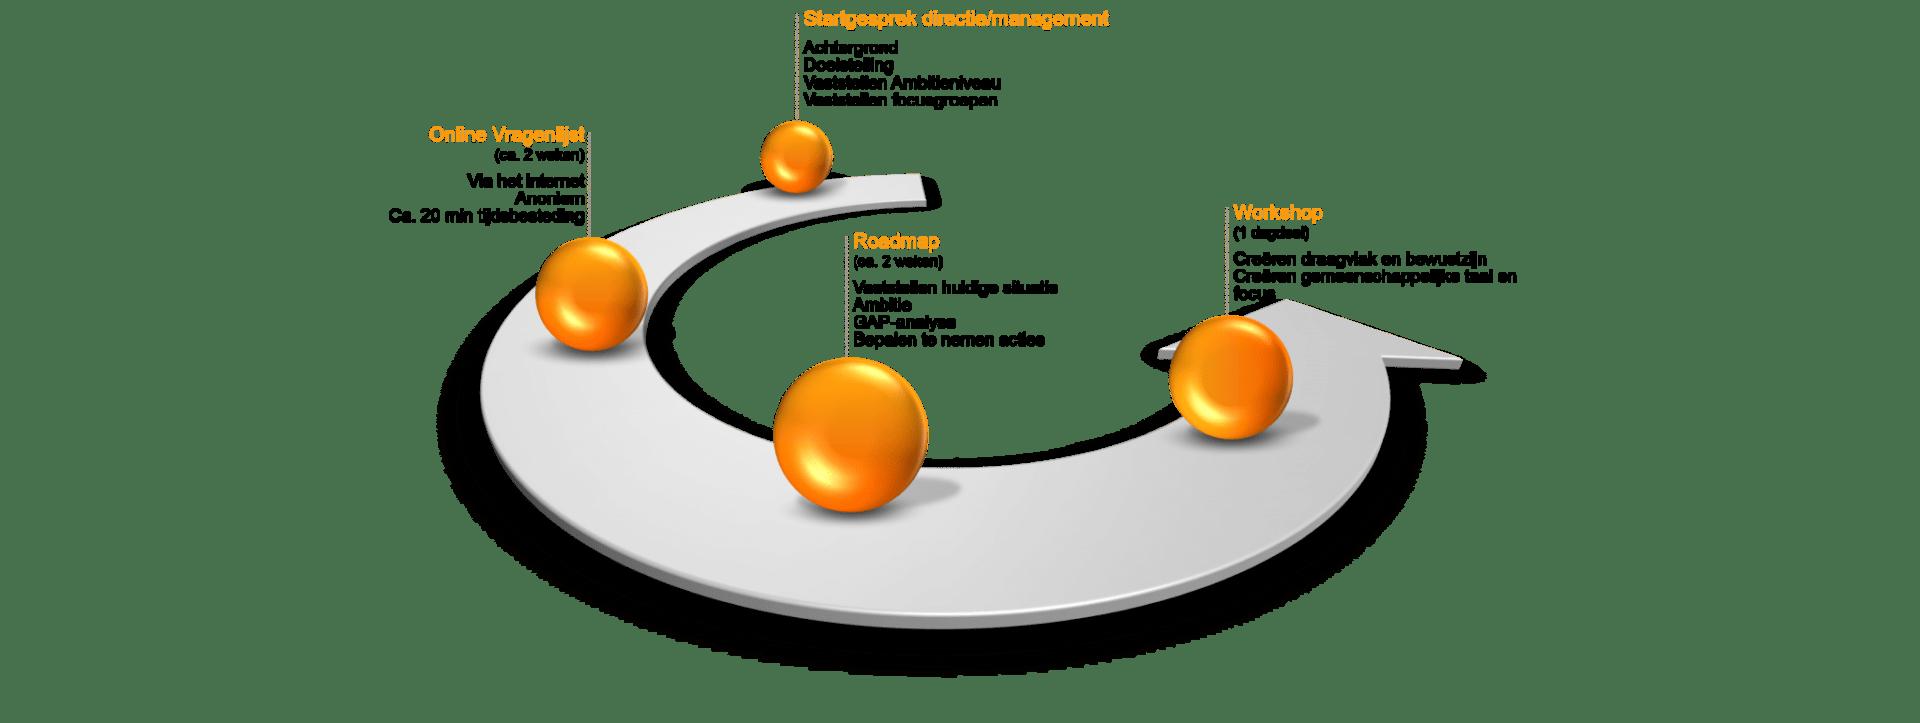 Risicomanagement scan - aanpak - Cratos Consulting